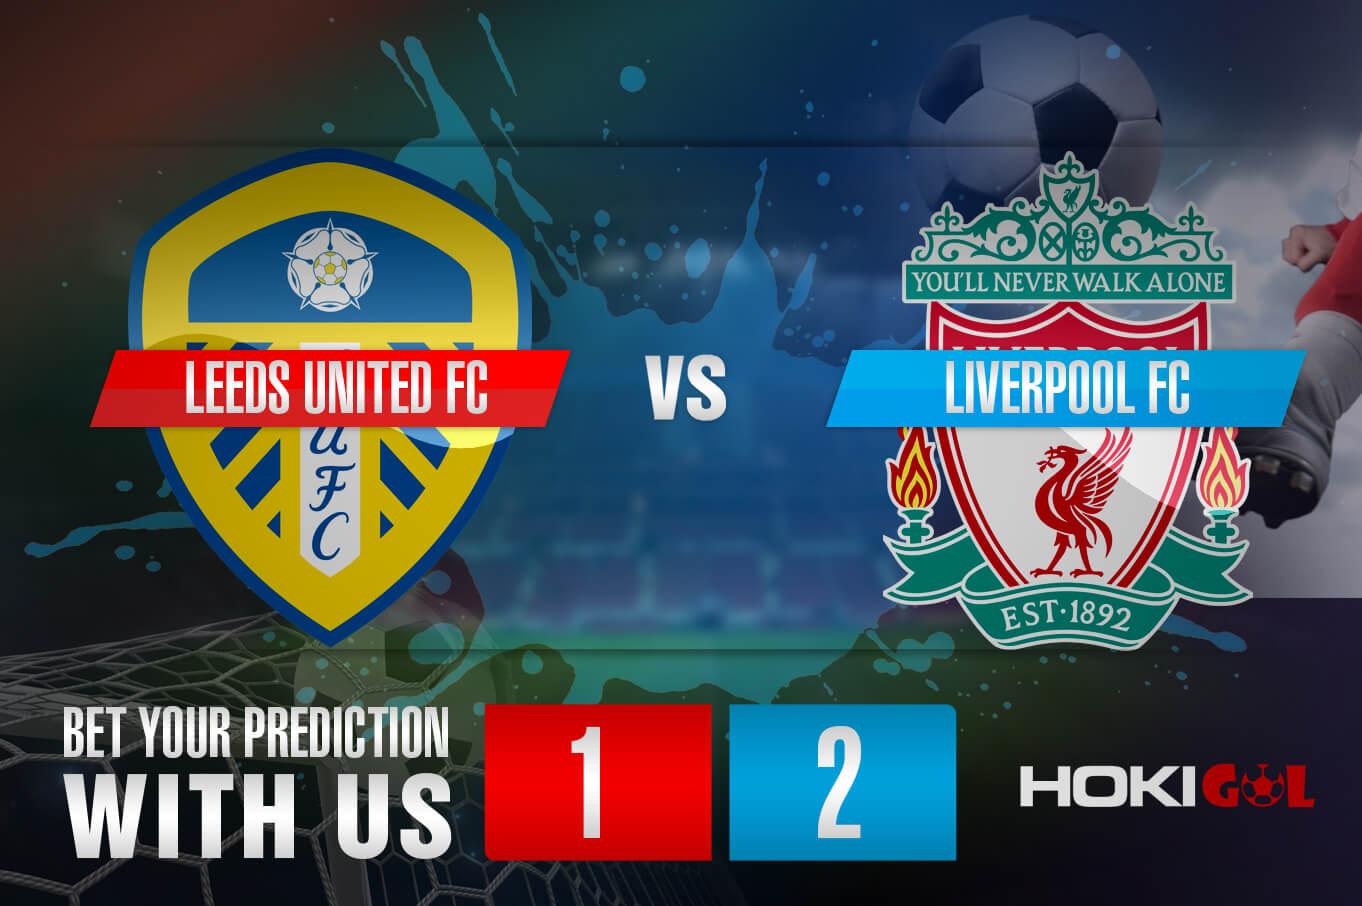 Prediksi Bola Leeds United FC Vs Liverpool FC 20 April 2021